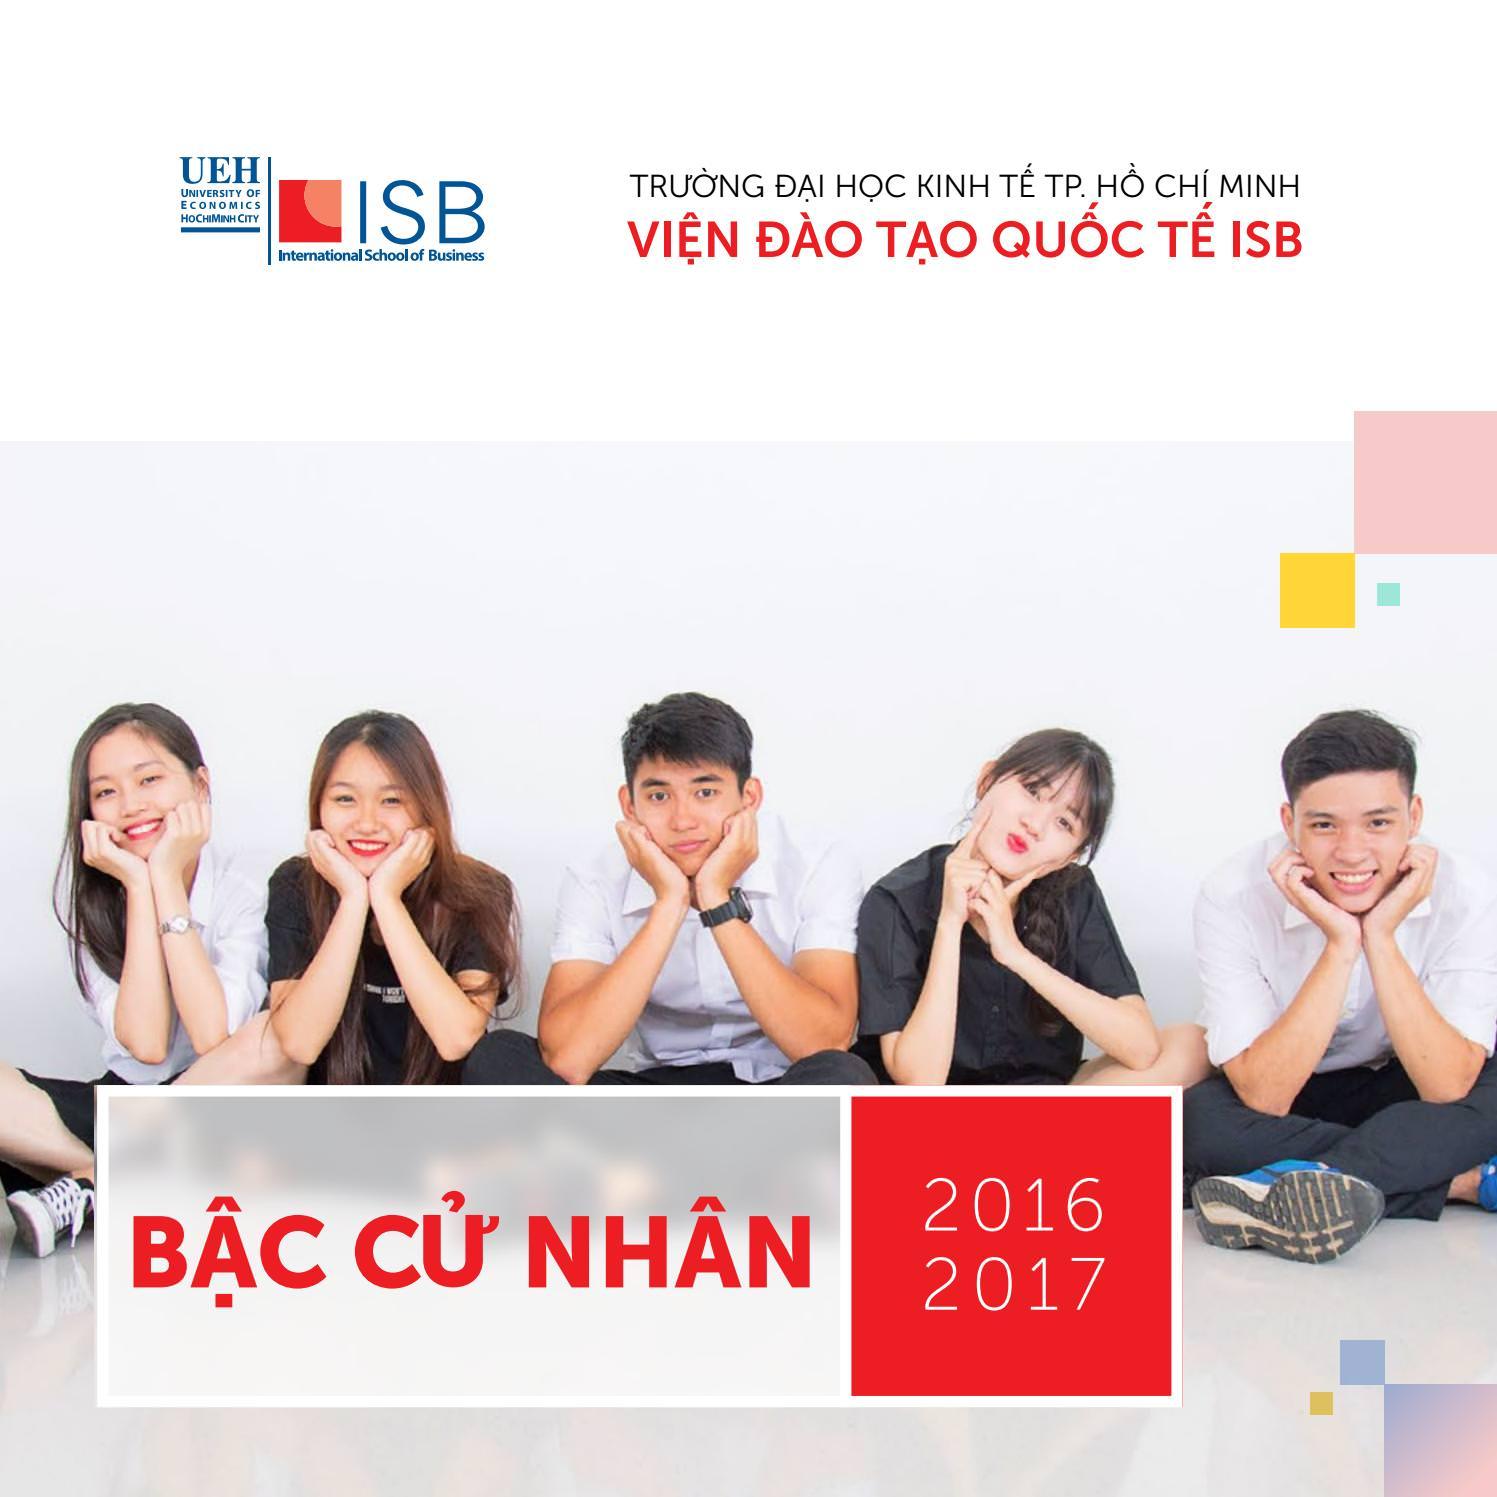 Viện đào tạo quốc tế ISB là lựa chọn hàng đầu nếu bạn muốn theo học ngành kinh doanh quốc tế